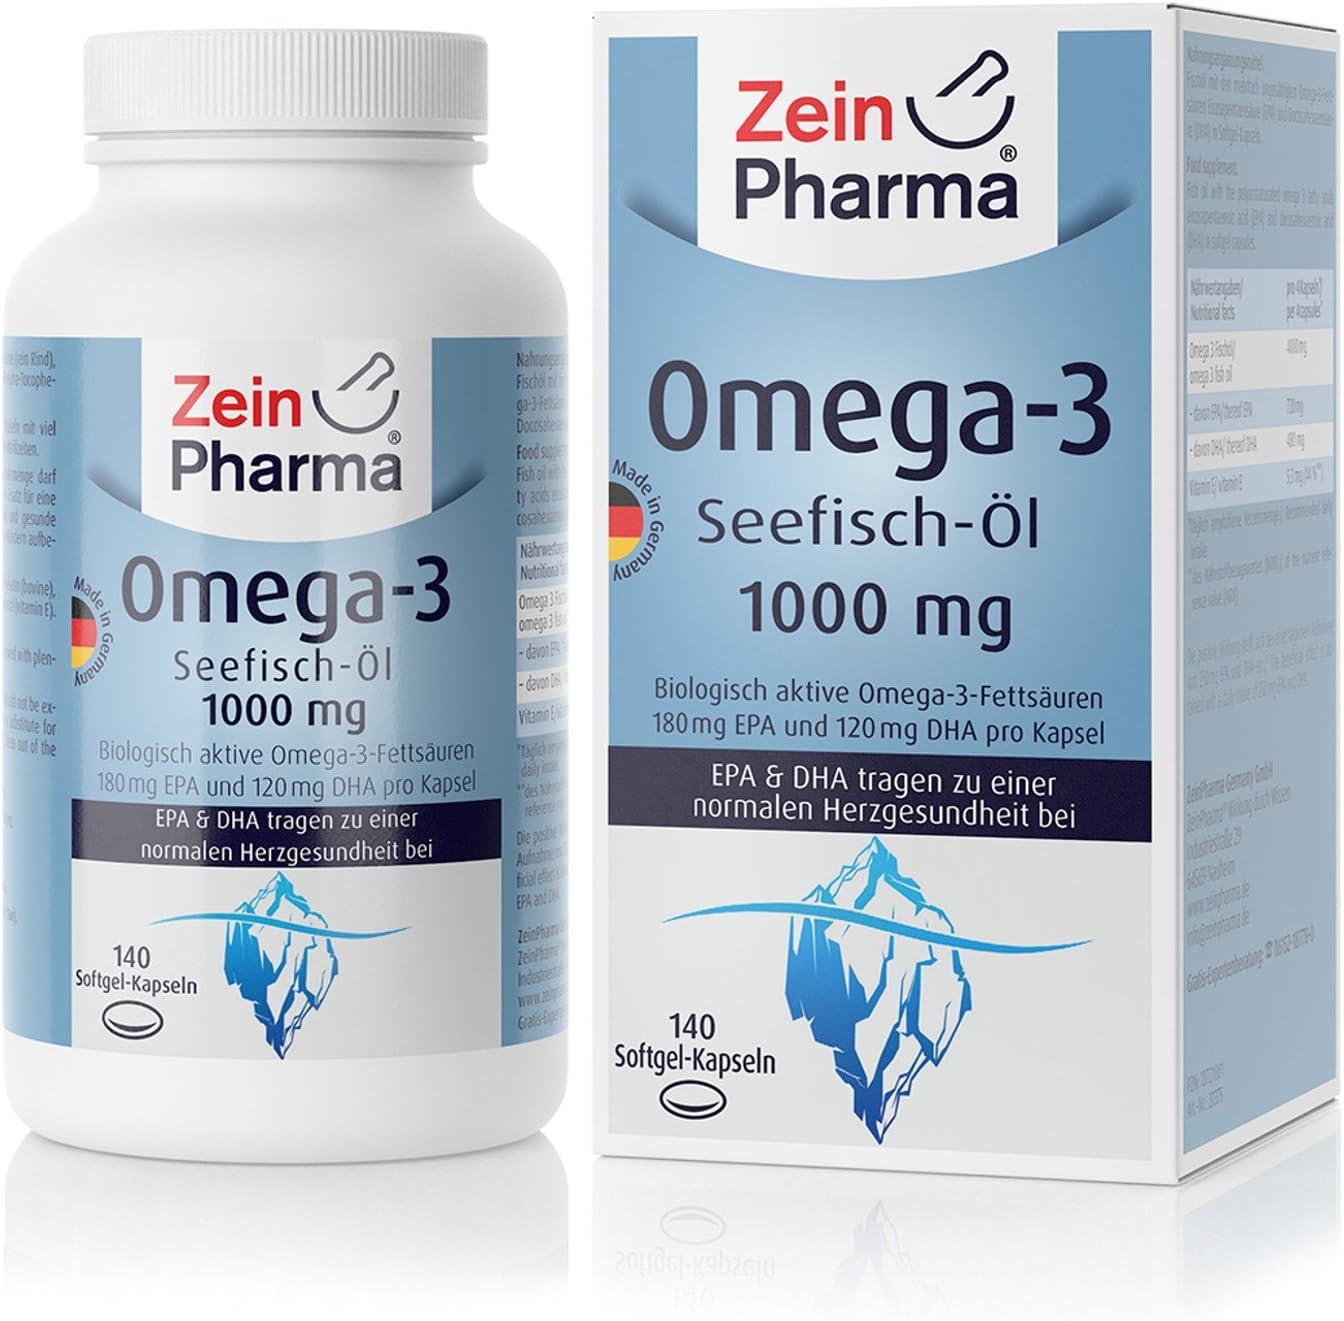 Cápsulas de Omega-3 Aceite de Pescado 1000mg de ZeinPharma • 140 cápsulas softgel (un mes de suministro) • con EPA, DHA y Vitamina E • Hecho en Alemania: Amazon.es: Salud y cuidado personal